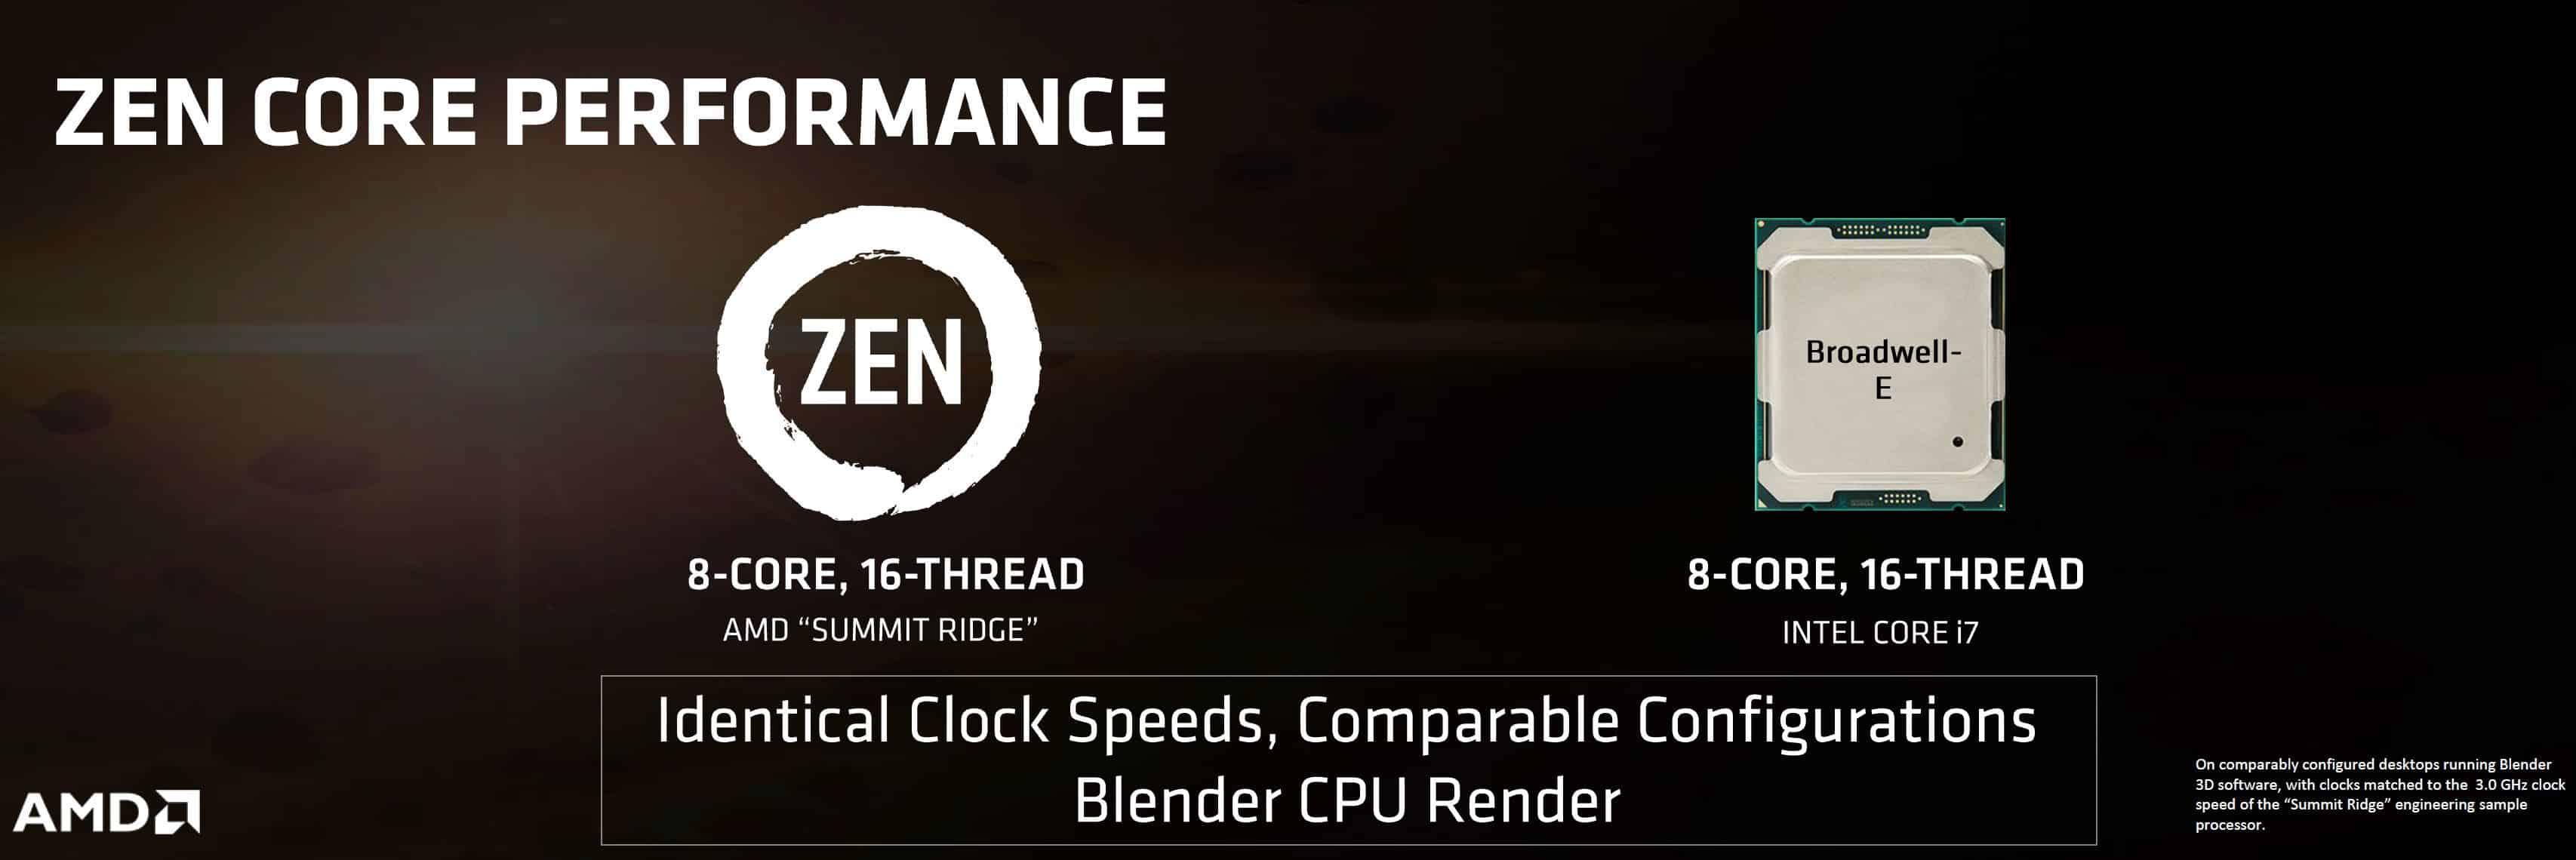 AMD Zen: nuove informazioni, prestazioni superiori a Intel Broadwell-E | PC-Gaming.it